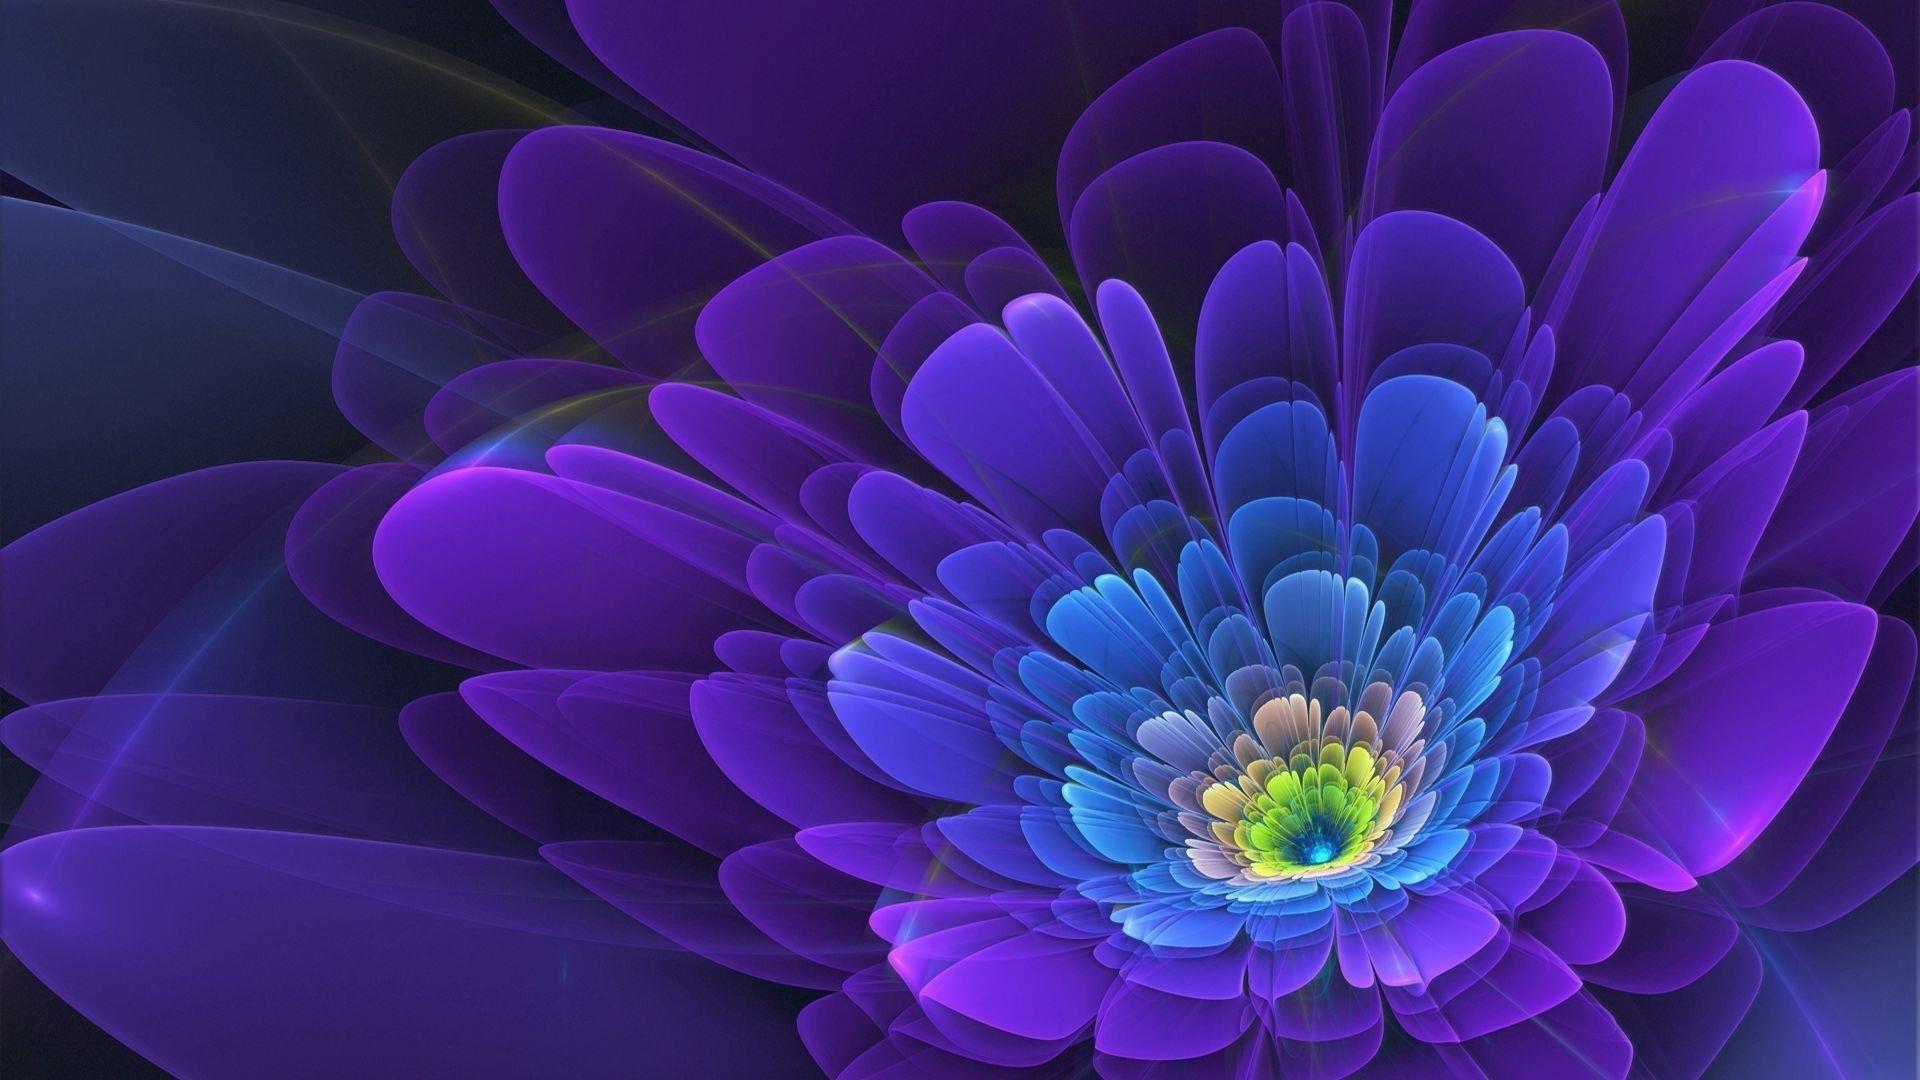 Фиолетовый цветок фрактал абстрактный обои скачать